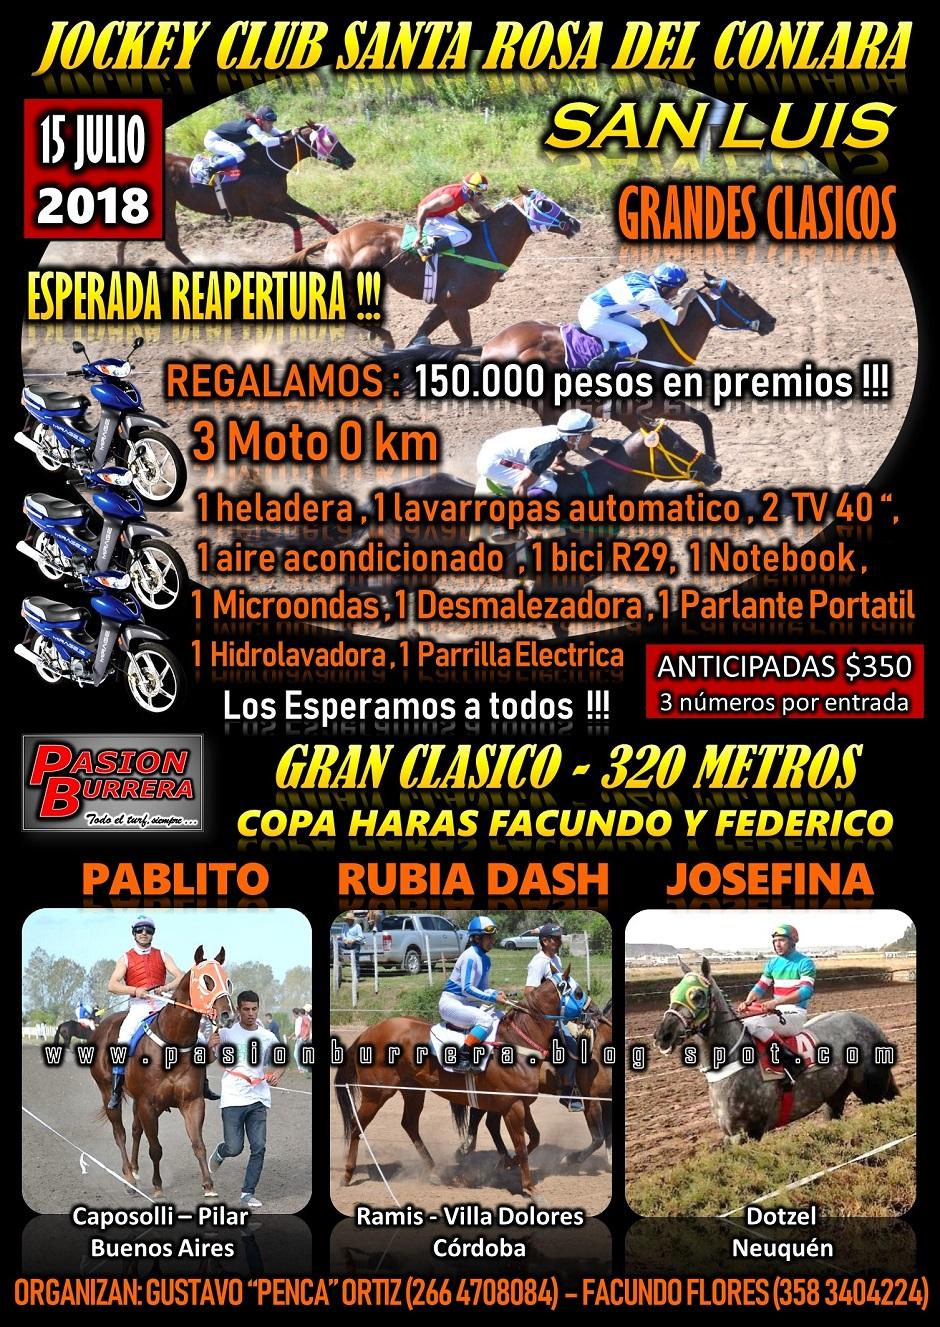 CONLARA - 15 DE JULIO 2018 - 320